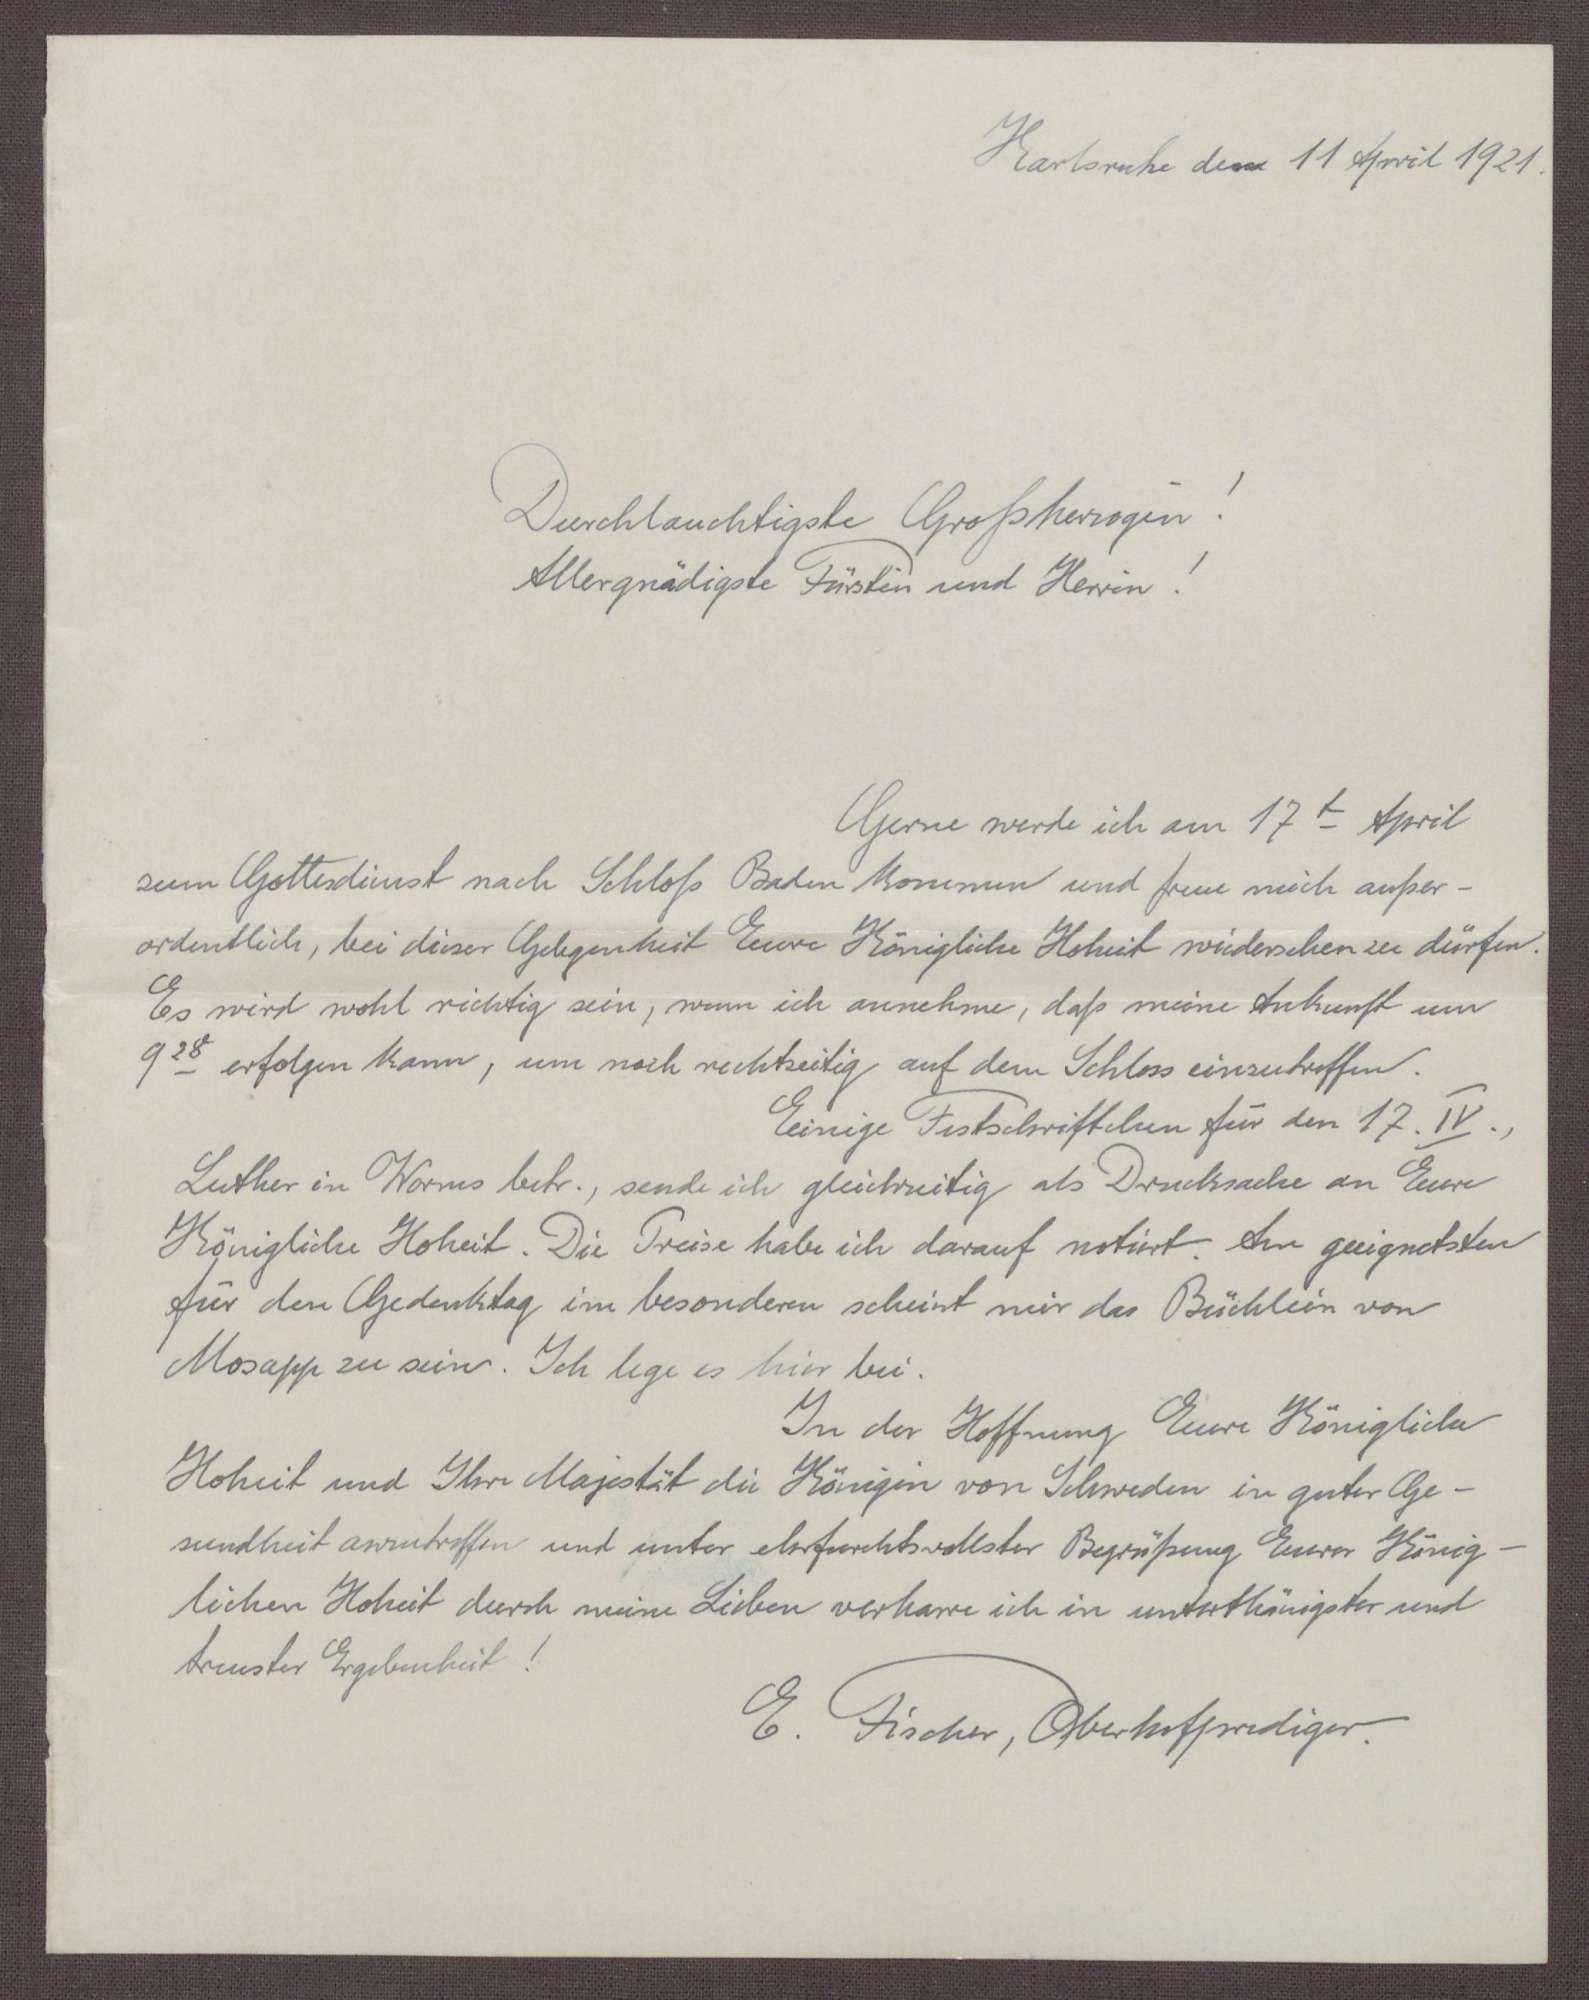 Schreiben von Ernst Fischer an die Großherzogin Luise; Bestätigung eines Gottesdienstes im Schloß Baden-Baden, Bild 1